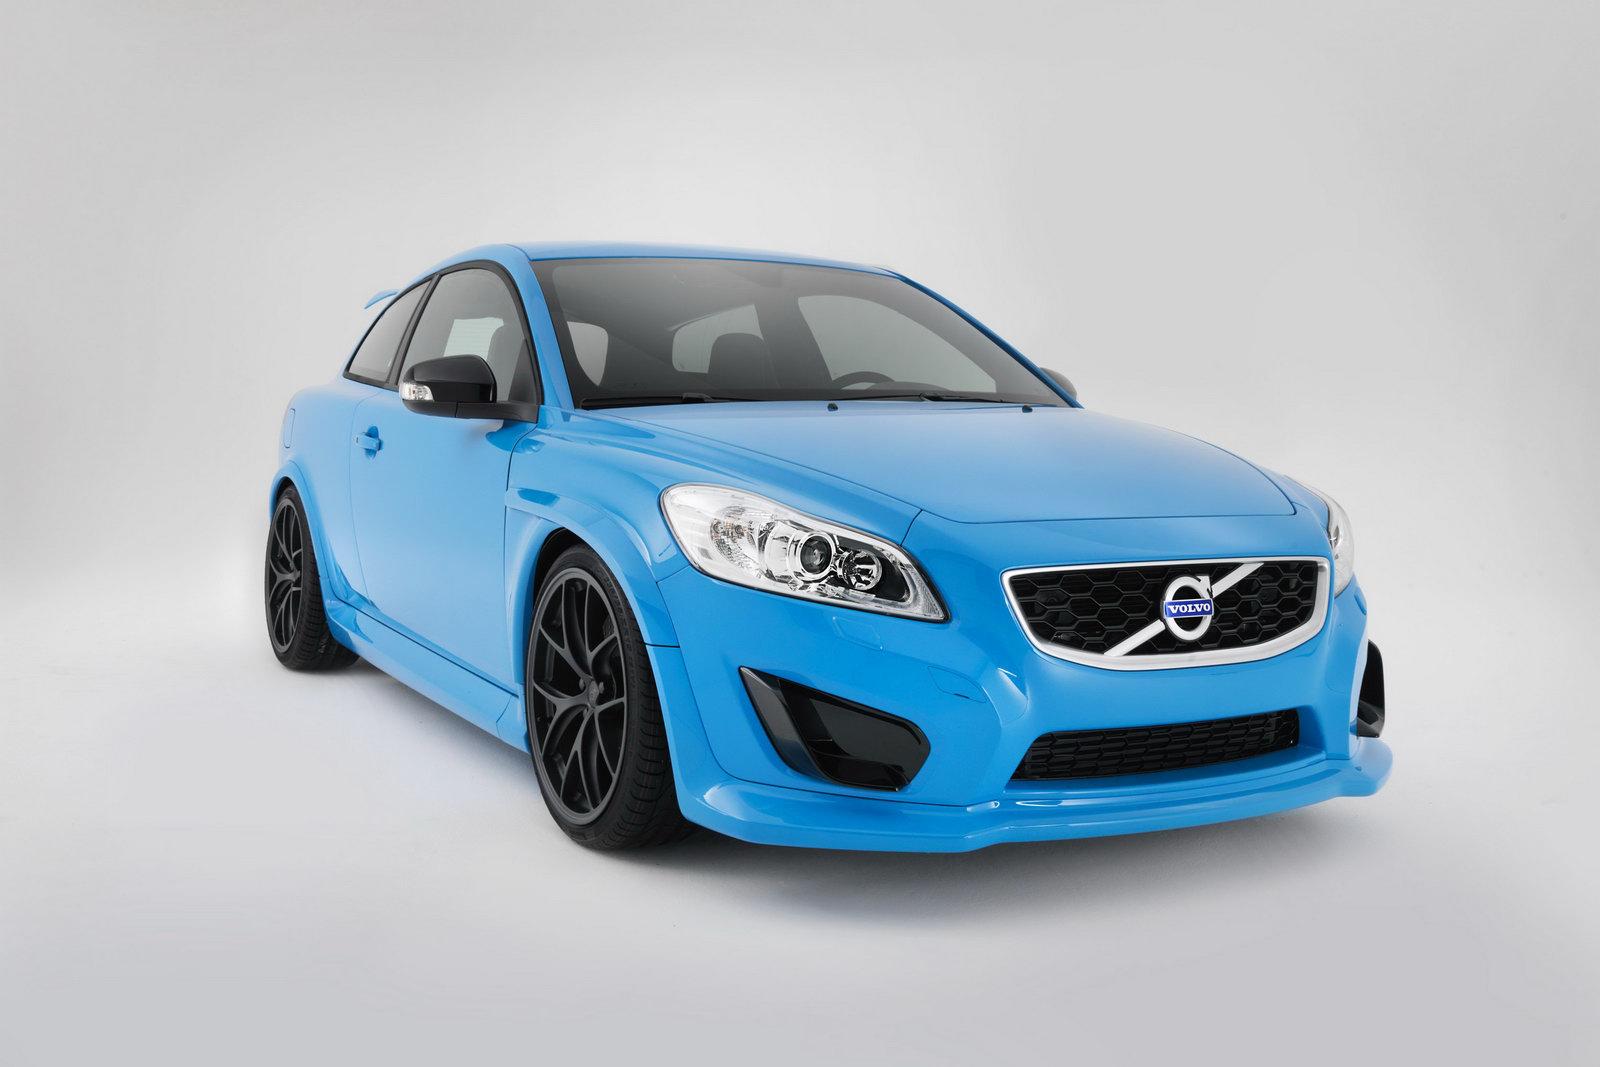 http://2.bp.blogspot.com/_ZFktH015R7Q/S9GQwzW__zI/AAAAAAAABD8/_7Mv_6pFQGM/s1600/Volvo-C30-Polestar-Performance-2.jpg